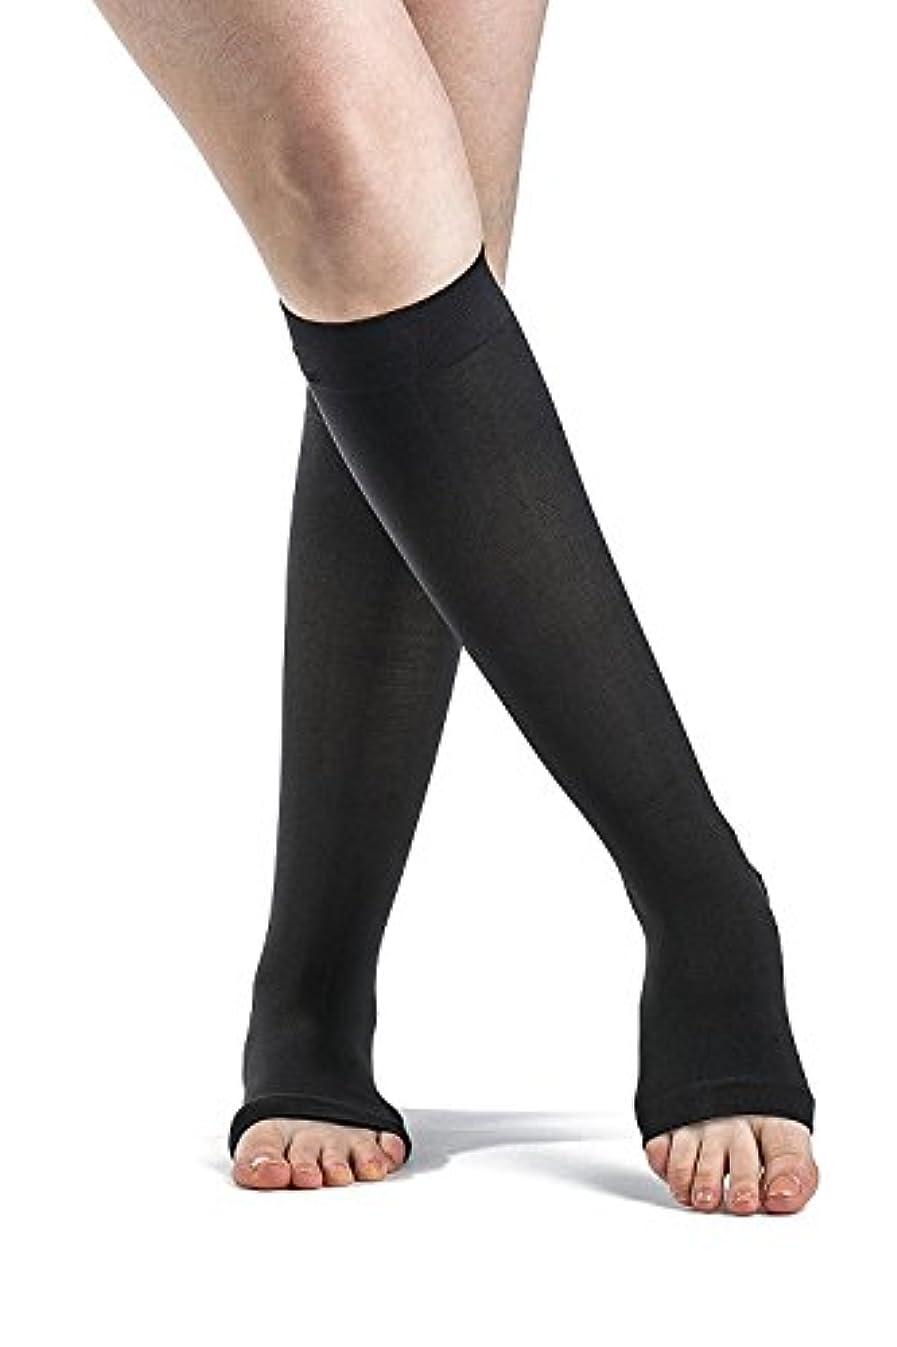 デッキ無駄なかもしれないSigvaris Soft Opaque 843CMSO99 30-40 mmHg Womens Open Toe Calf, Black, Medium-Short by Sigvaris